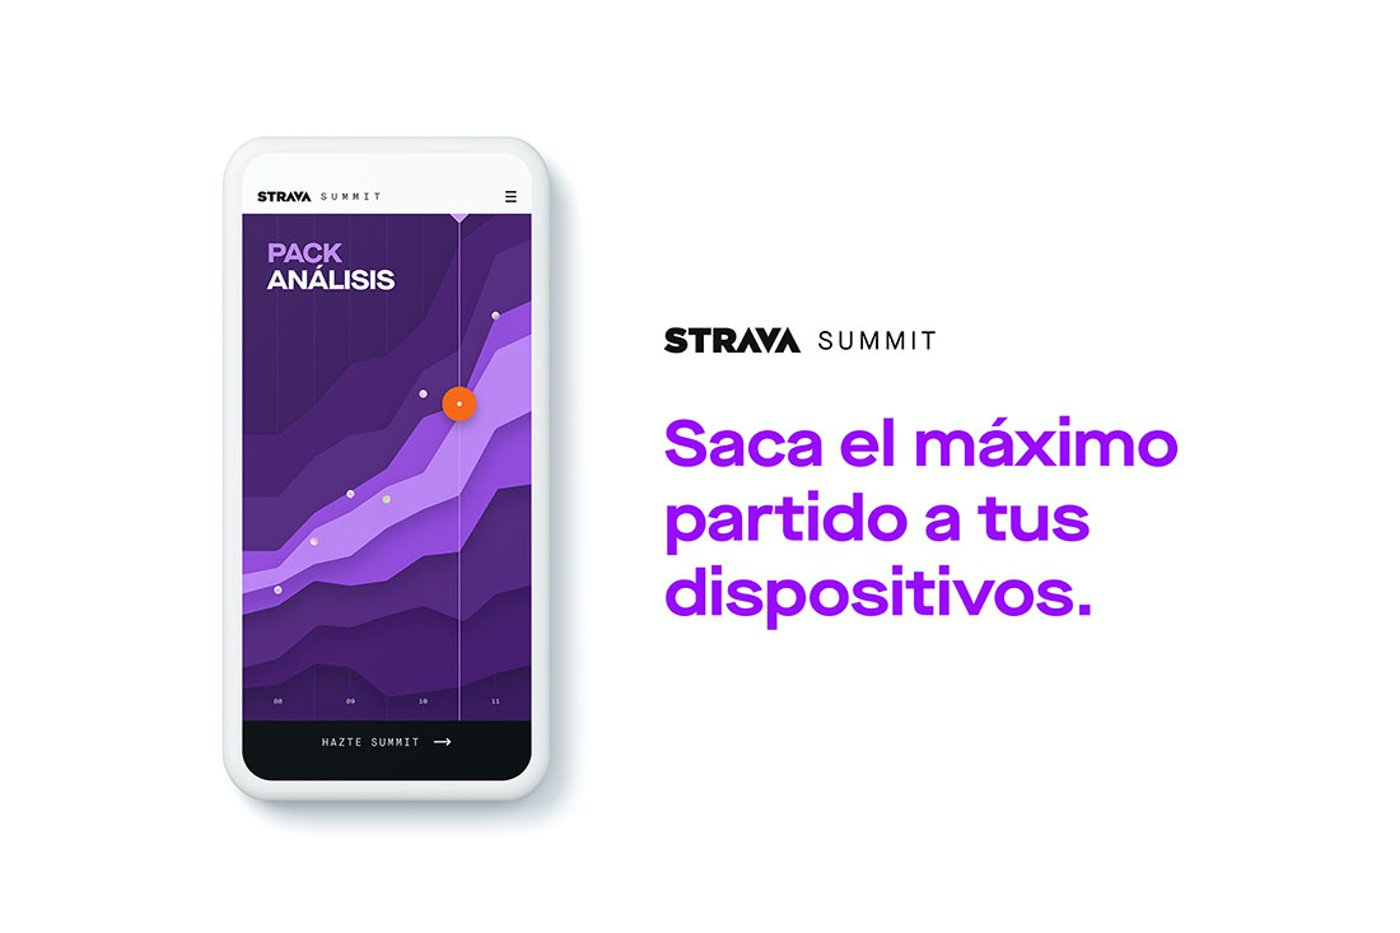 Strava Summit Análisis